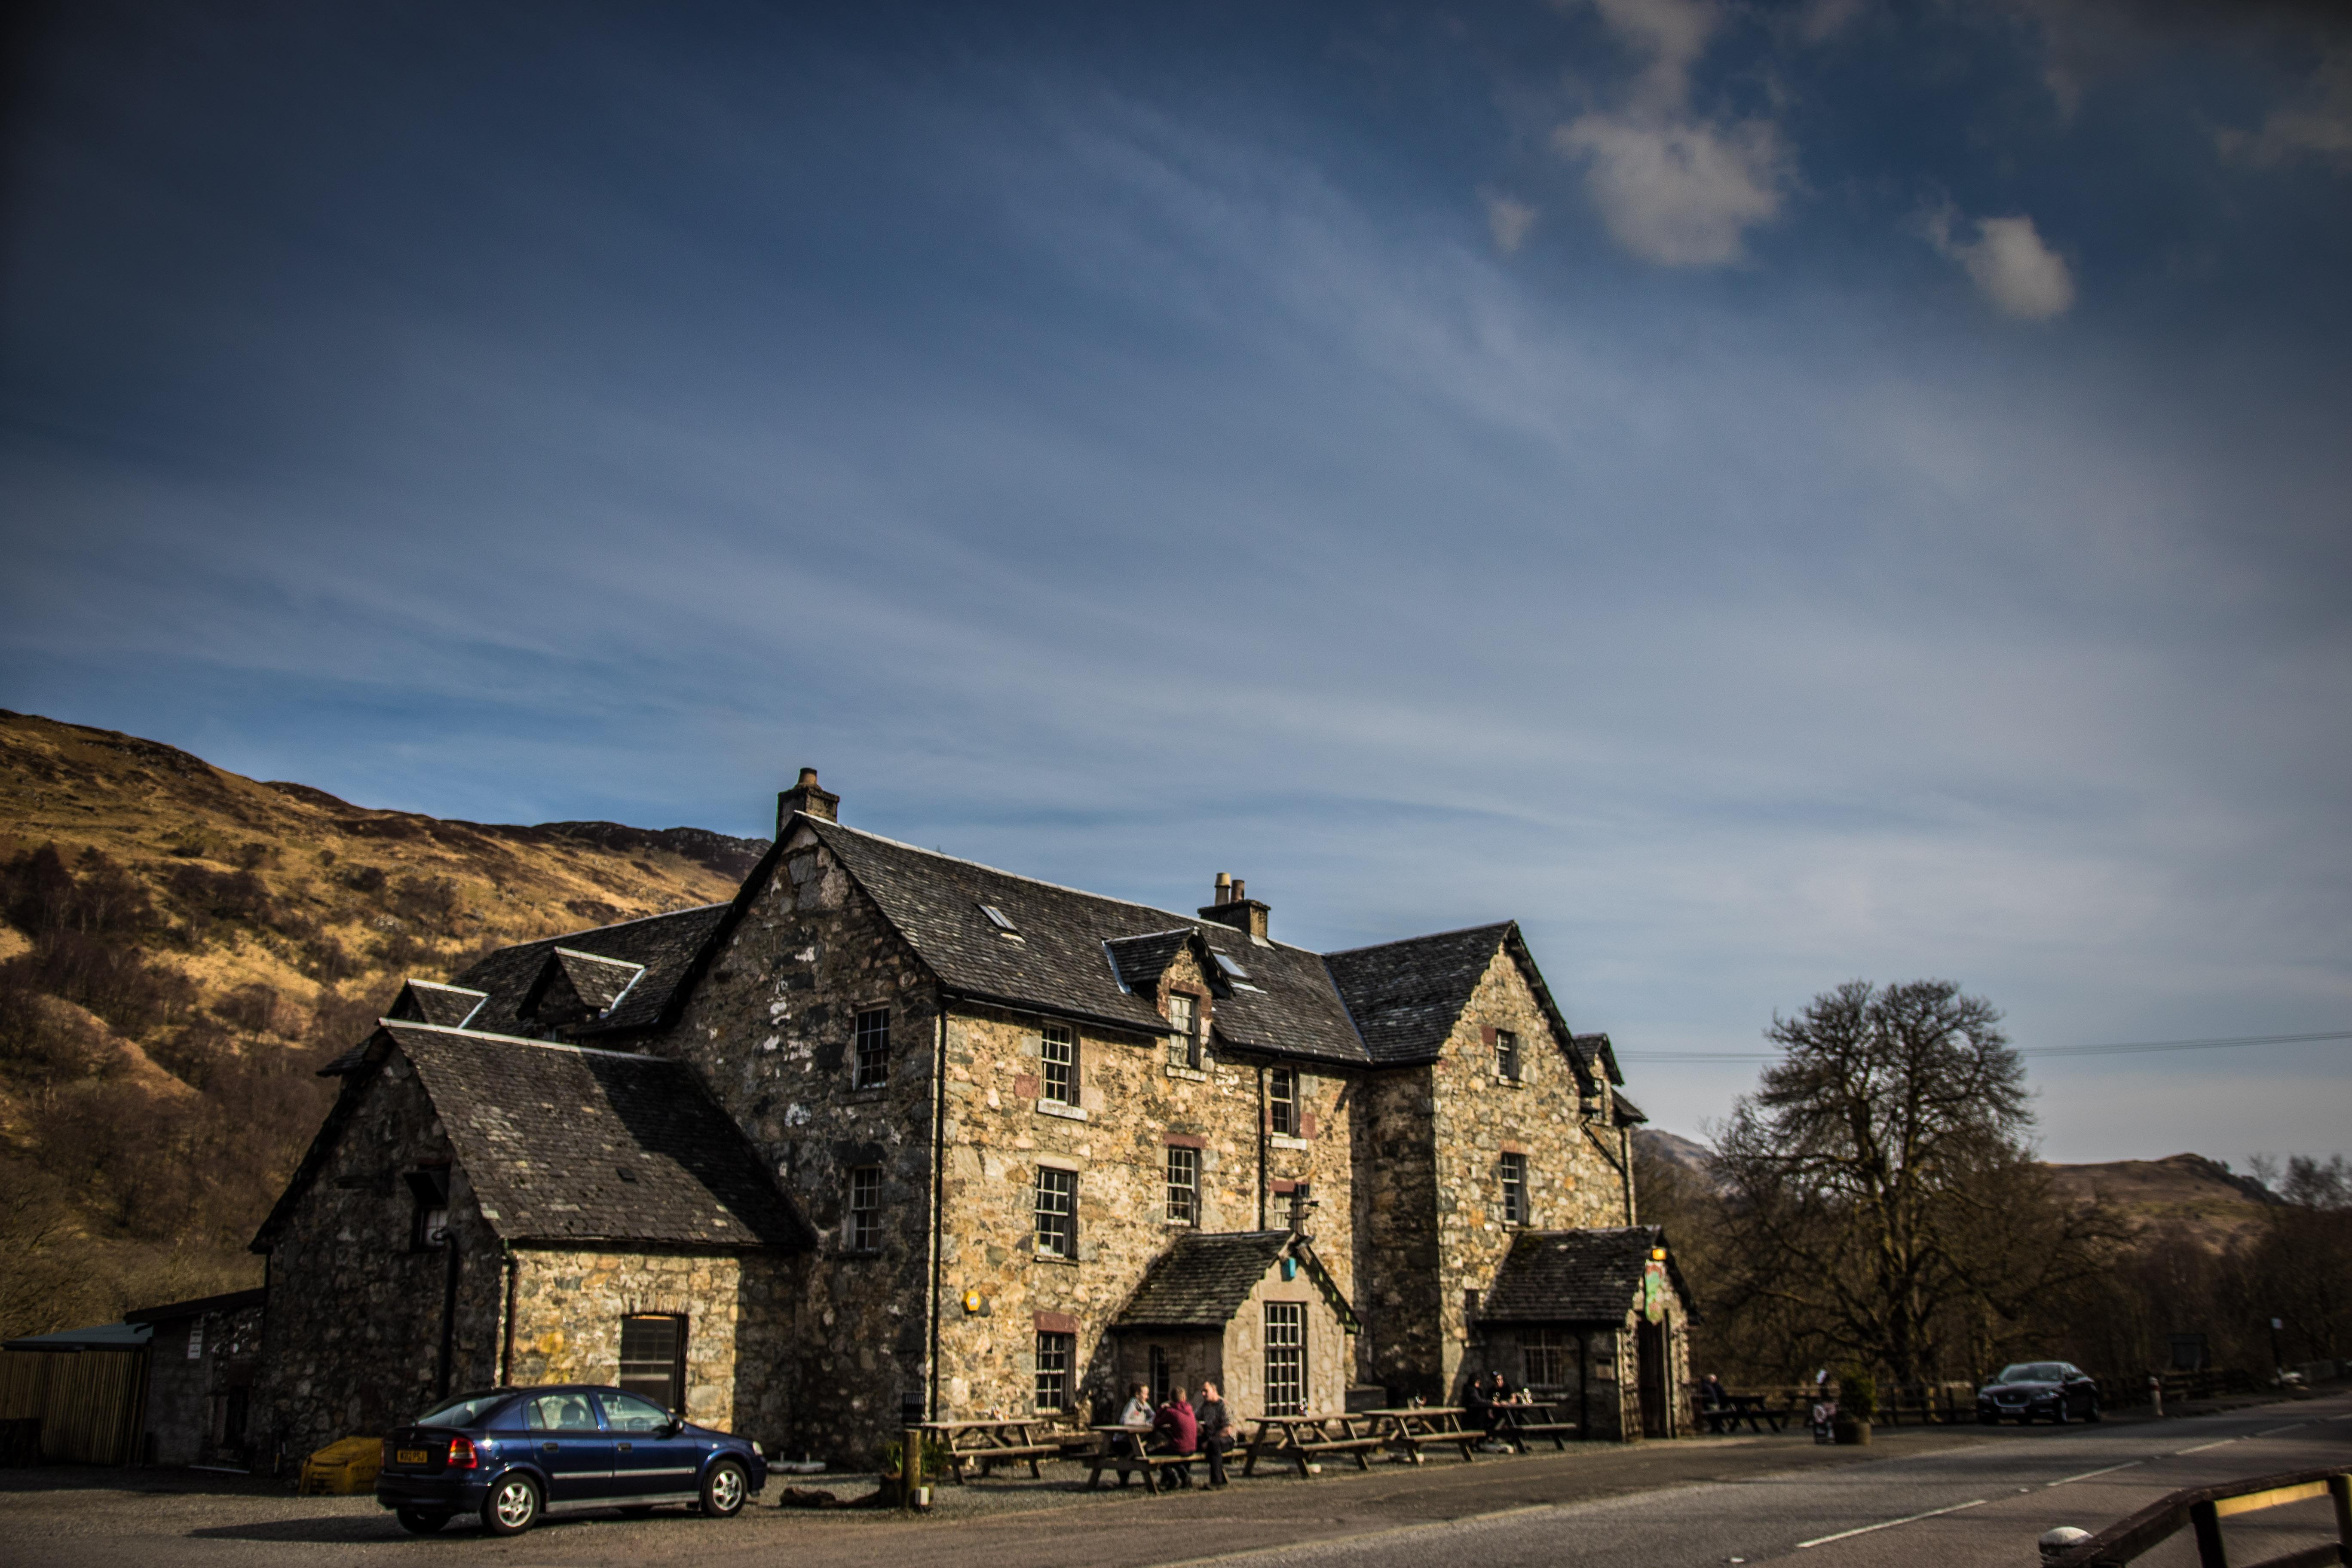 The Drover's Inn